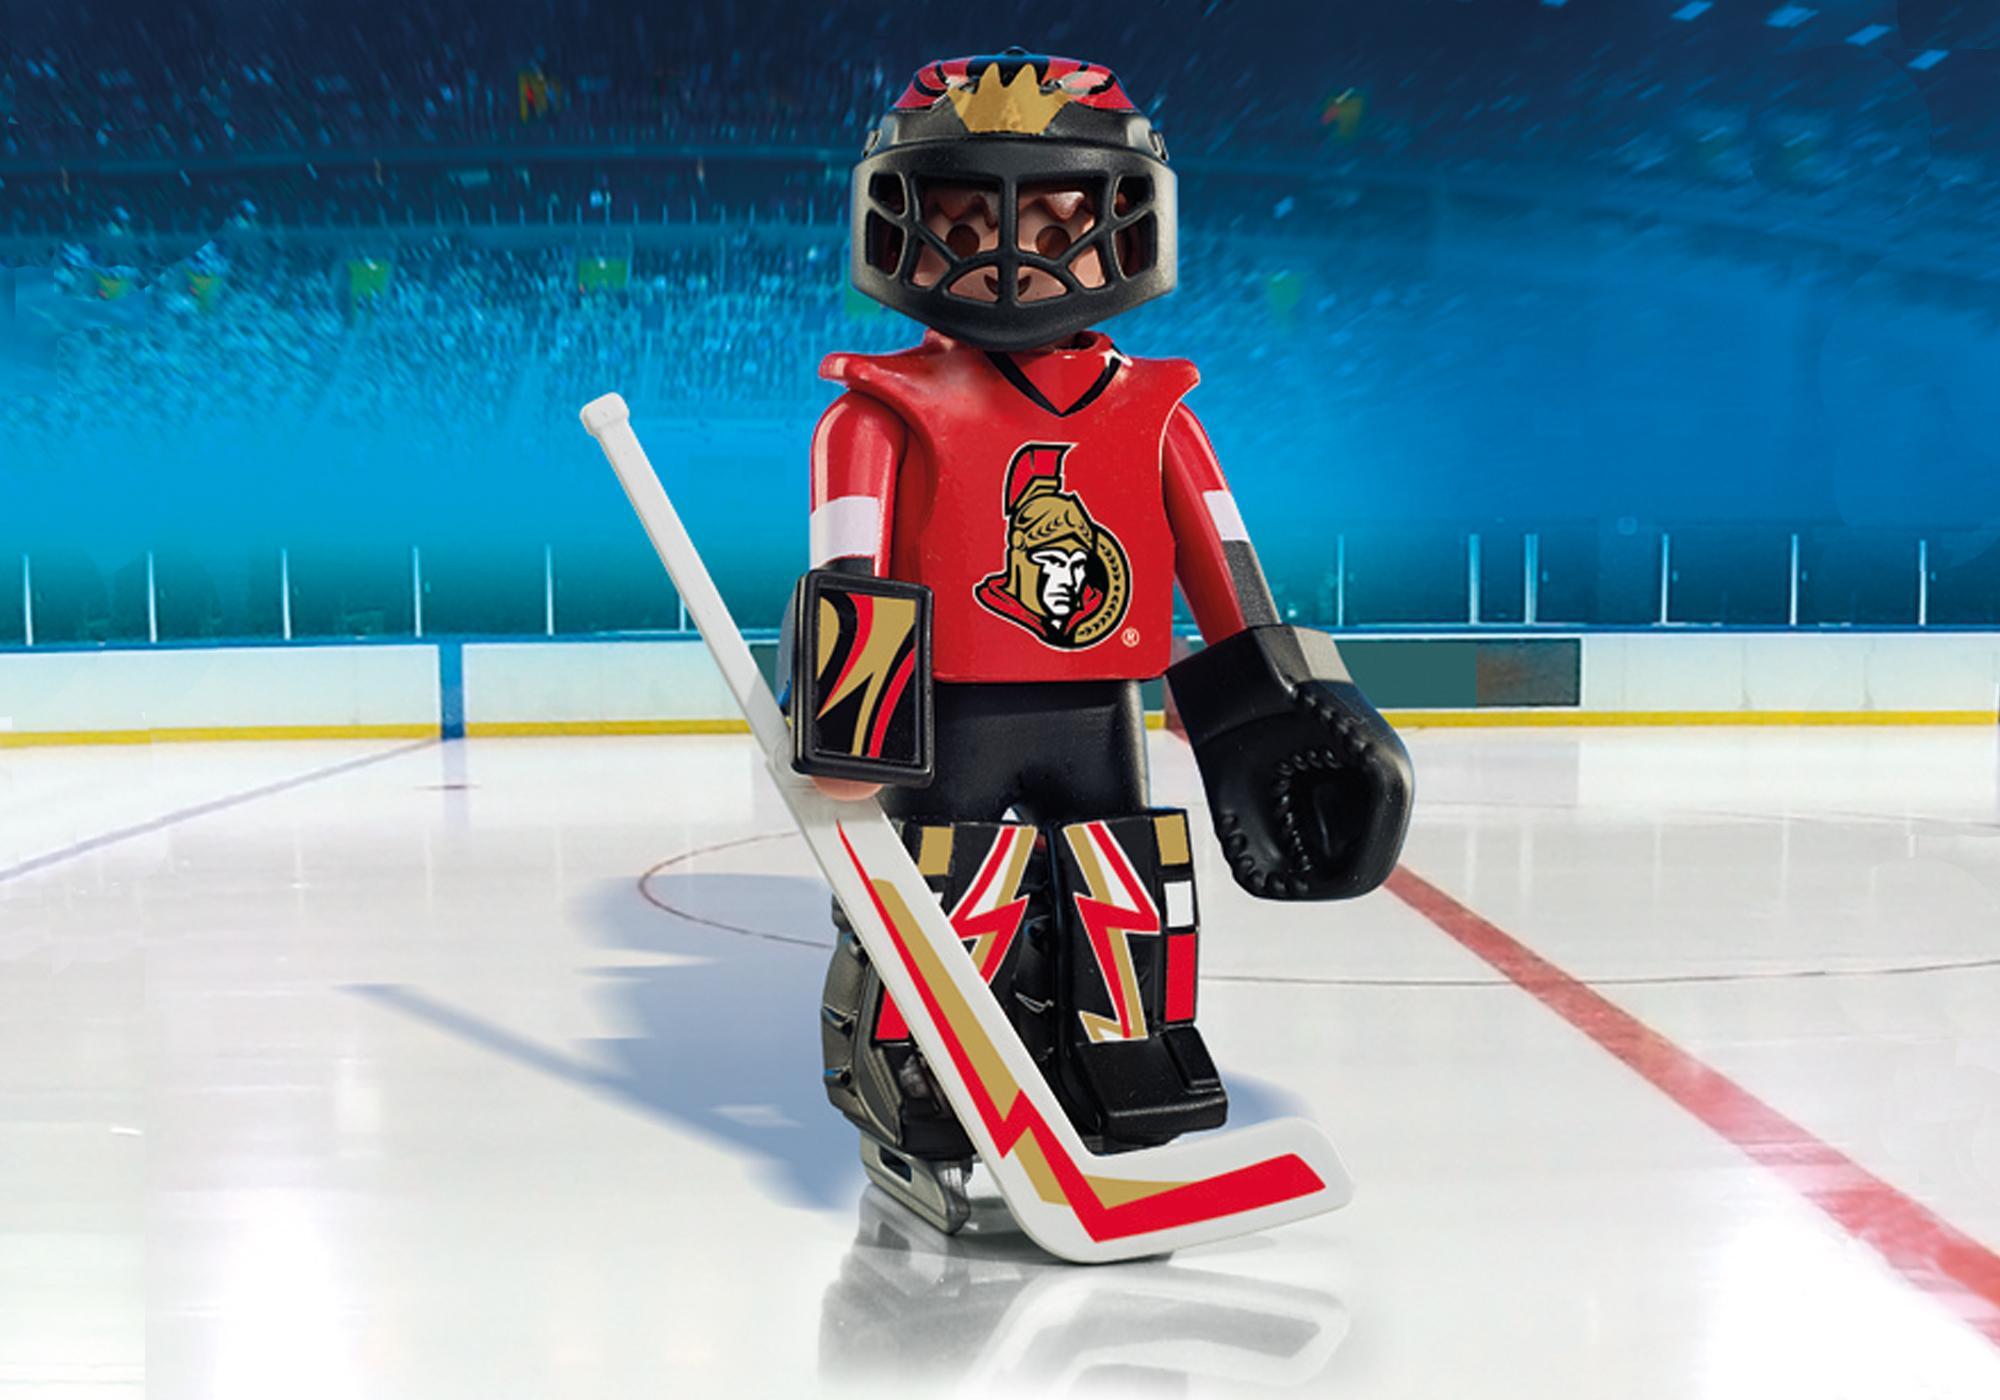 http://media.playmobil.com/i/playmobil/9018_product_detail/NHL® Ottawa Senators® Goalie